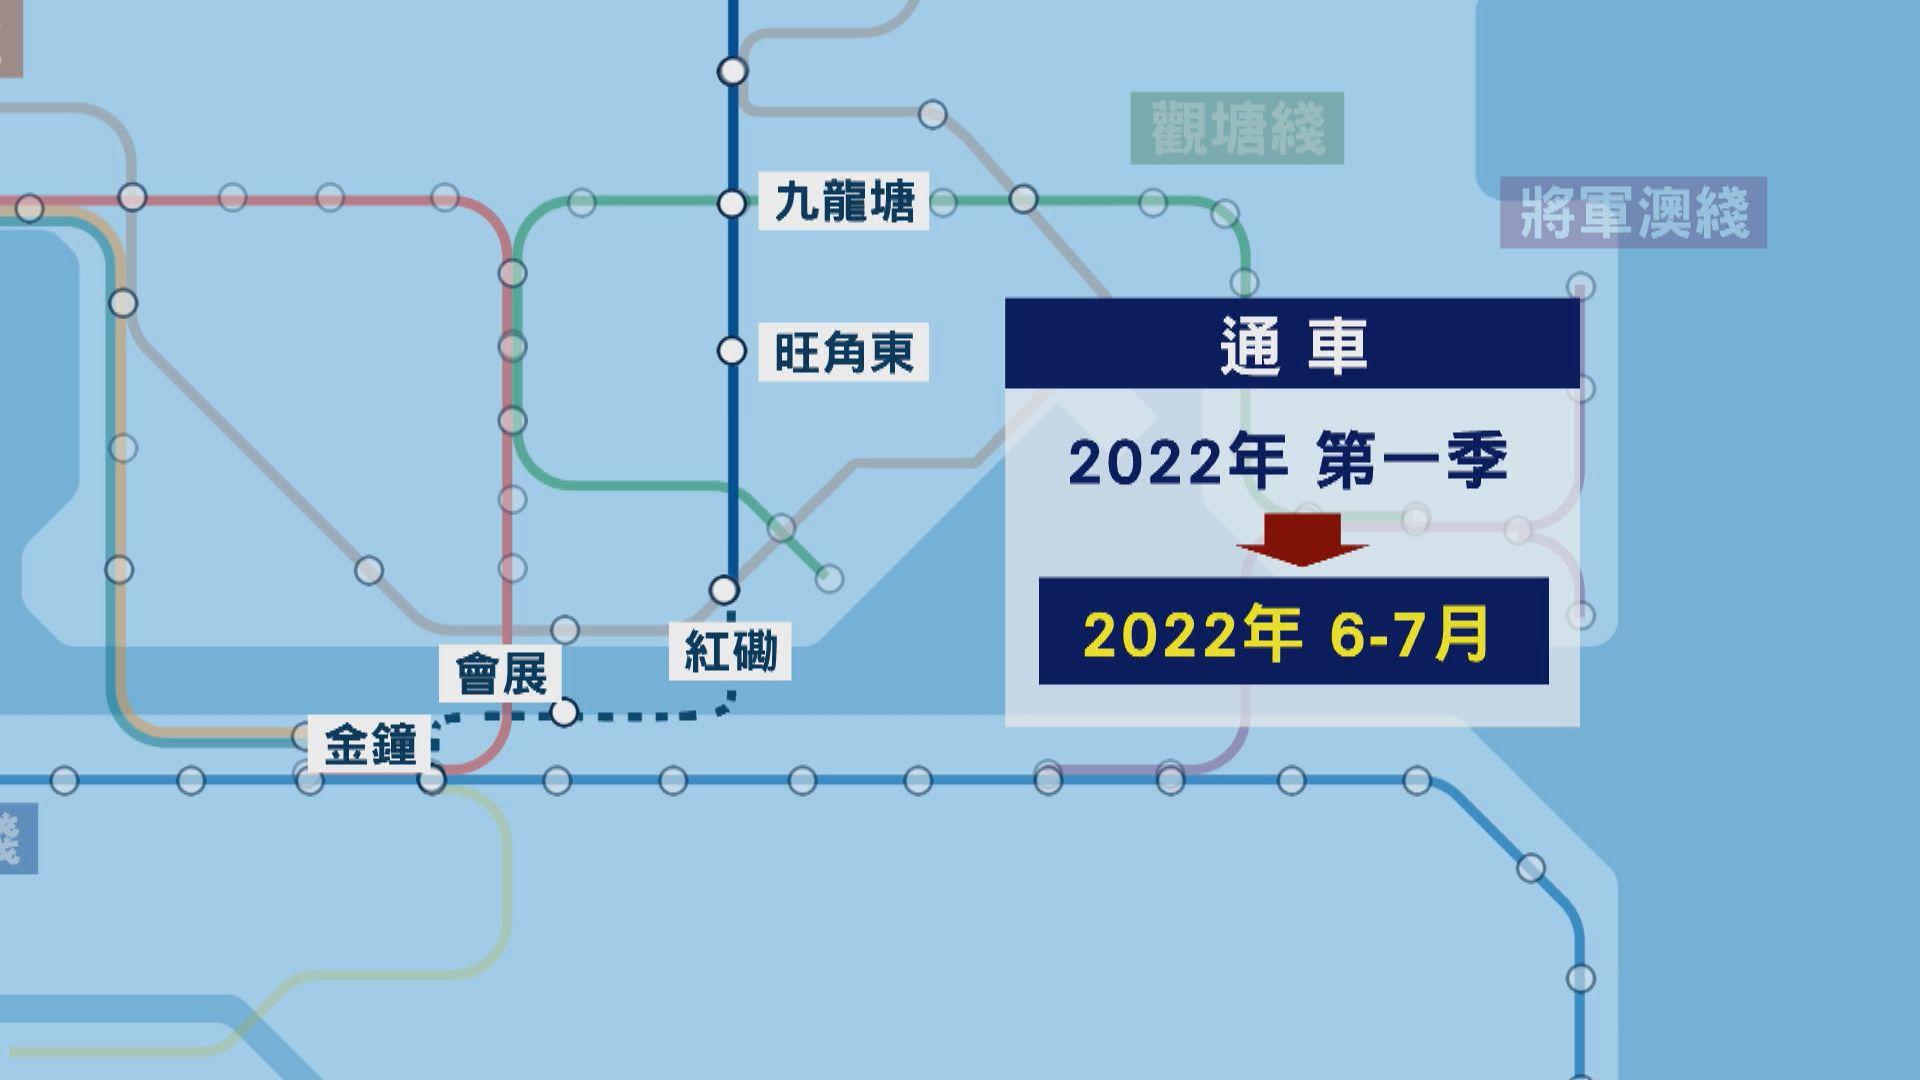 東鐵綫過海段押後至明年六至七月通車